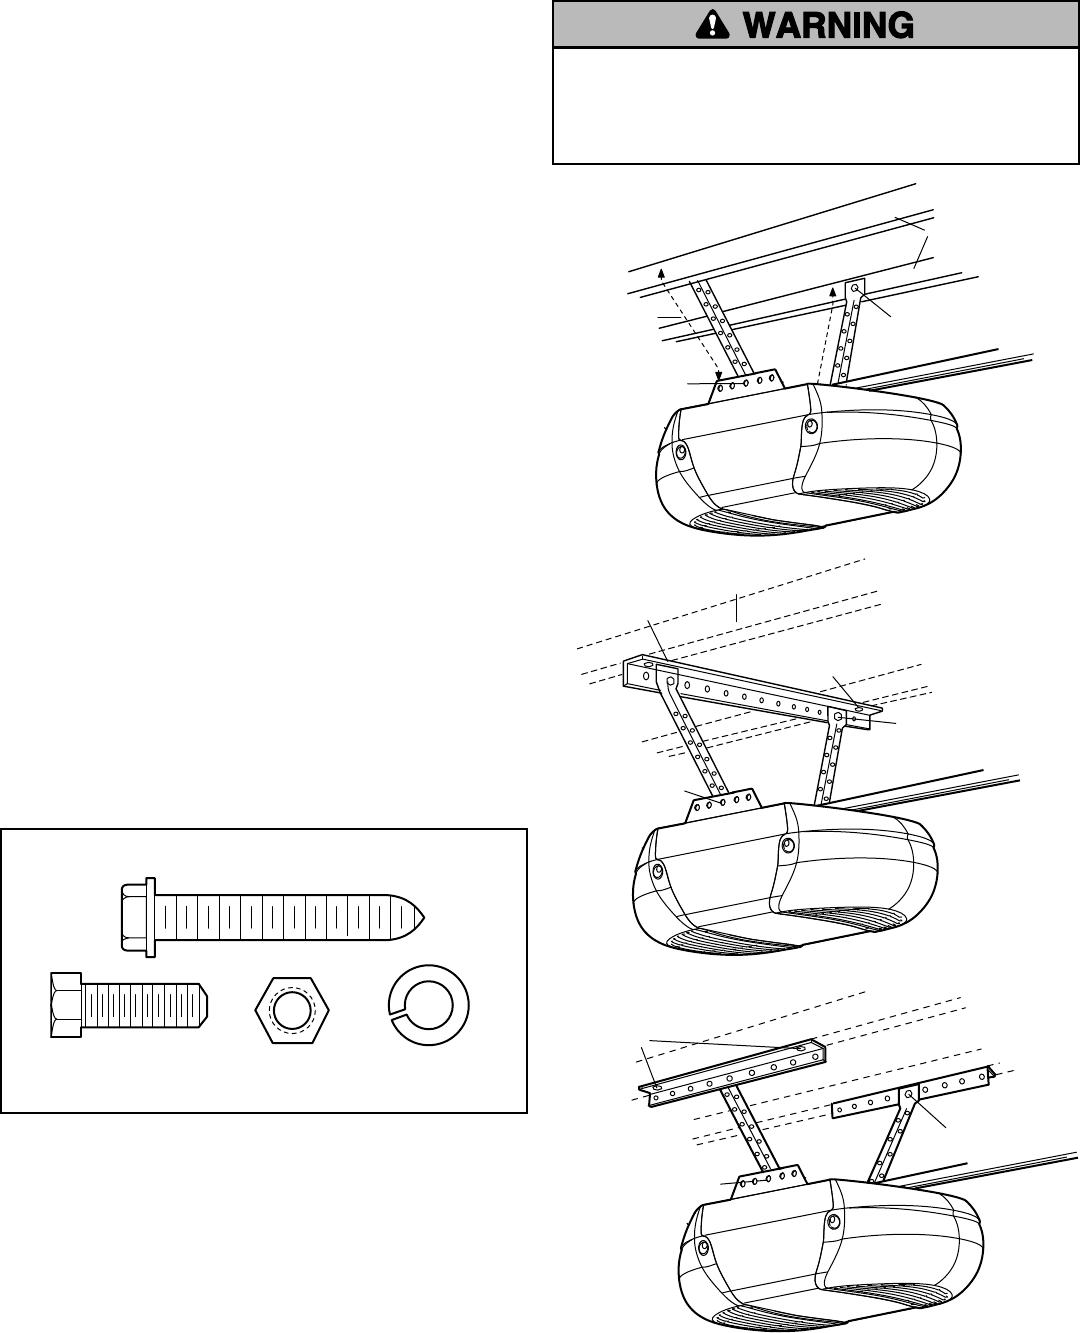 Craftsman 13953993DM User Manual GARAGE DOOR OPENER